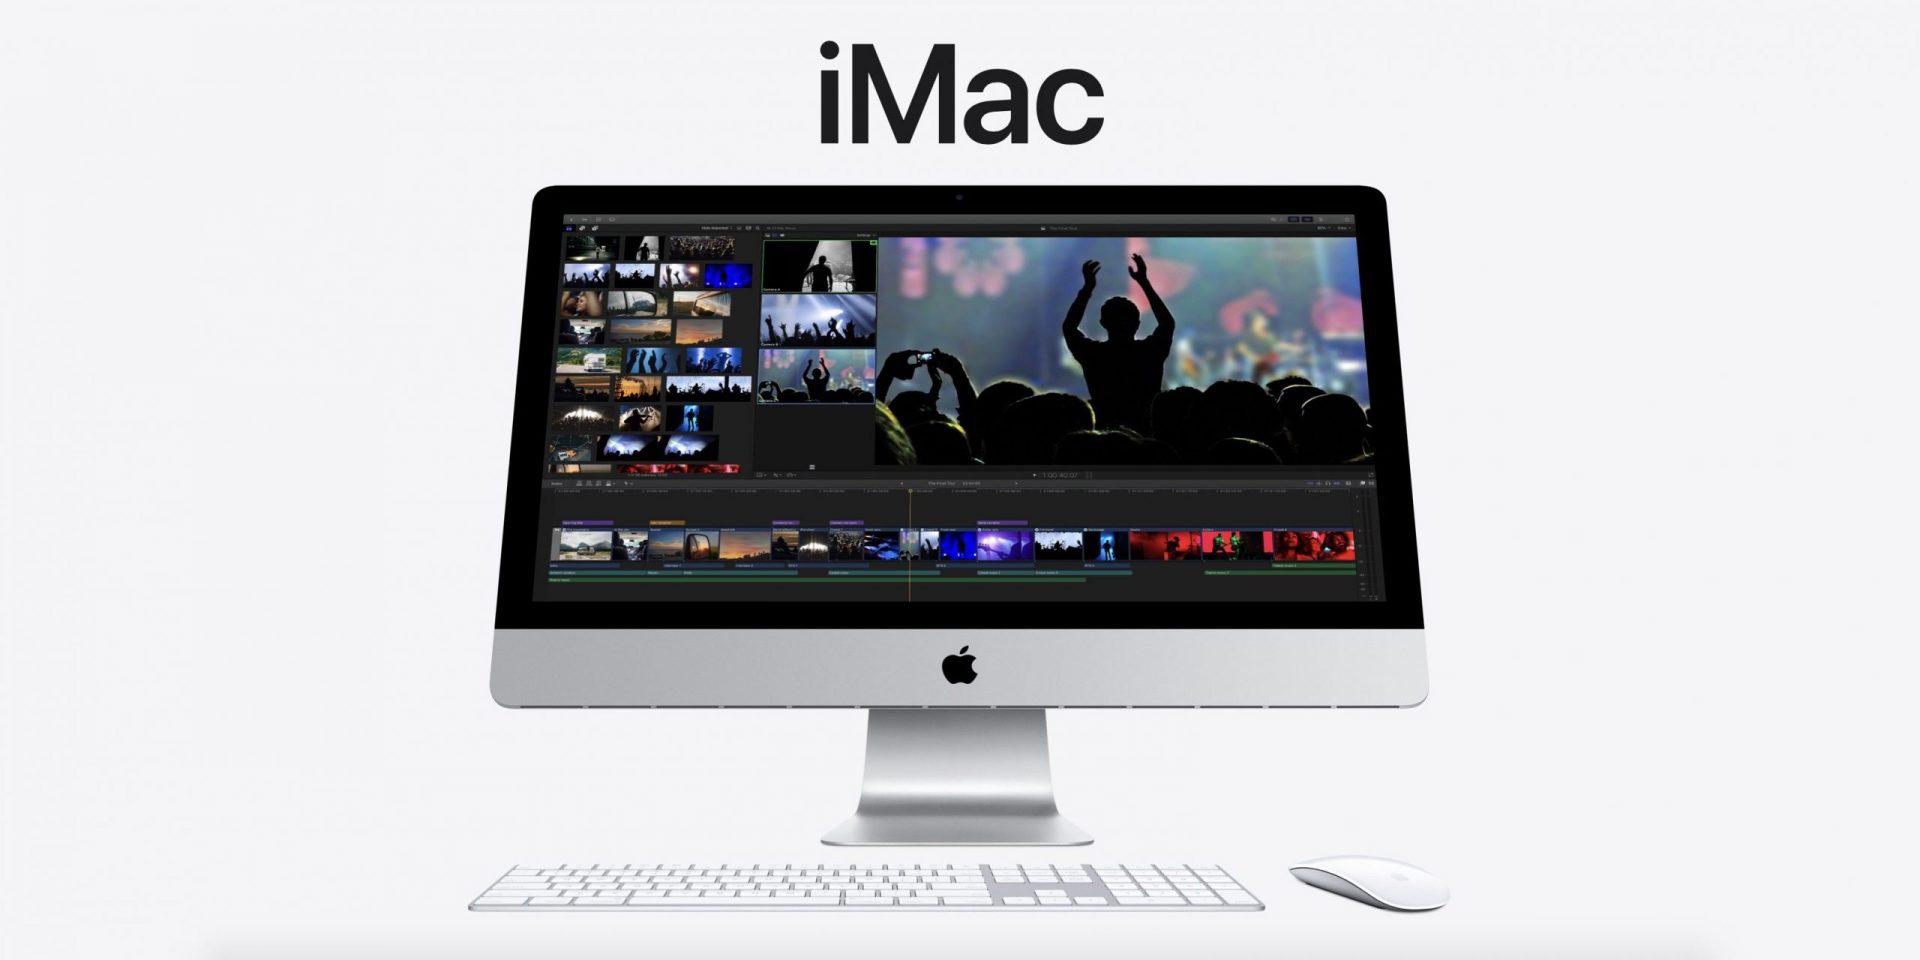 تصویر از اولین mini iMac در جهان از کنسول اپل رونمایی شد